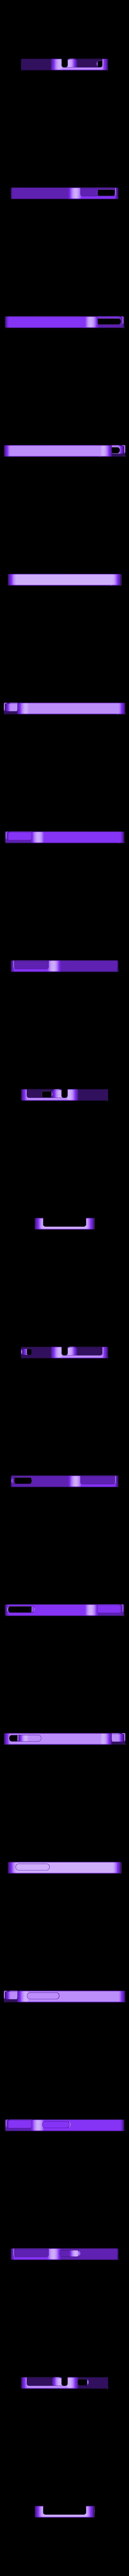 fractalcover4.stl Download STL file FRACTAL Cover • 3D printing template, Rotart